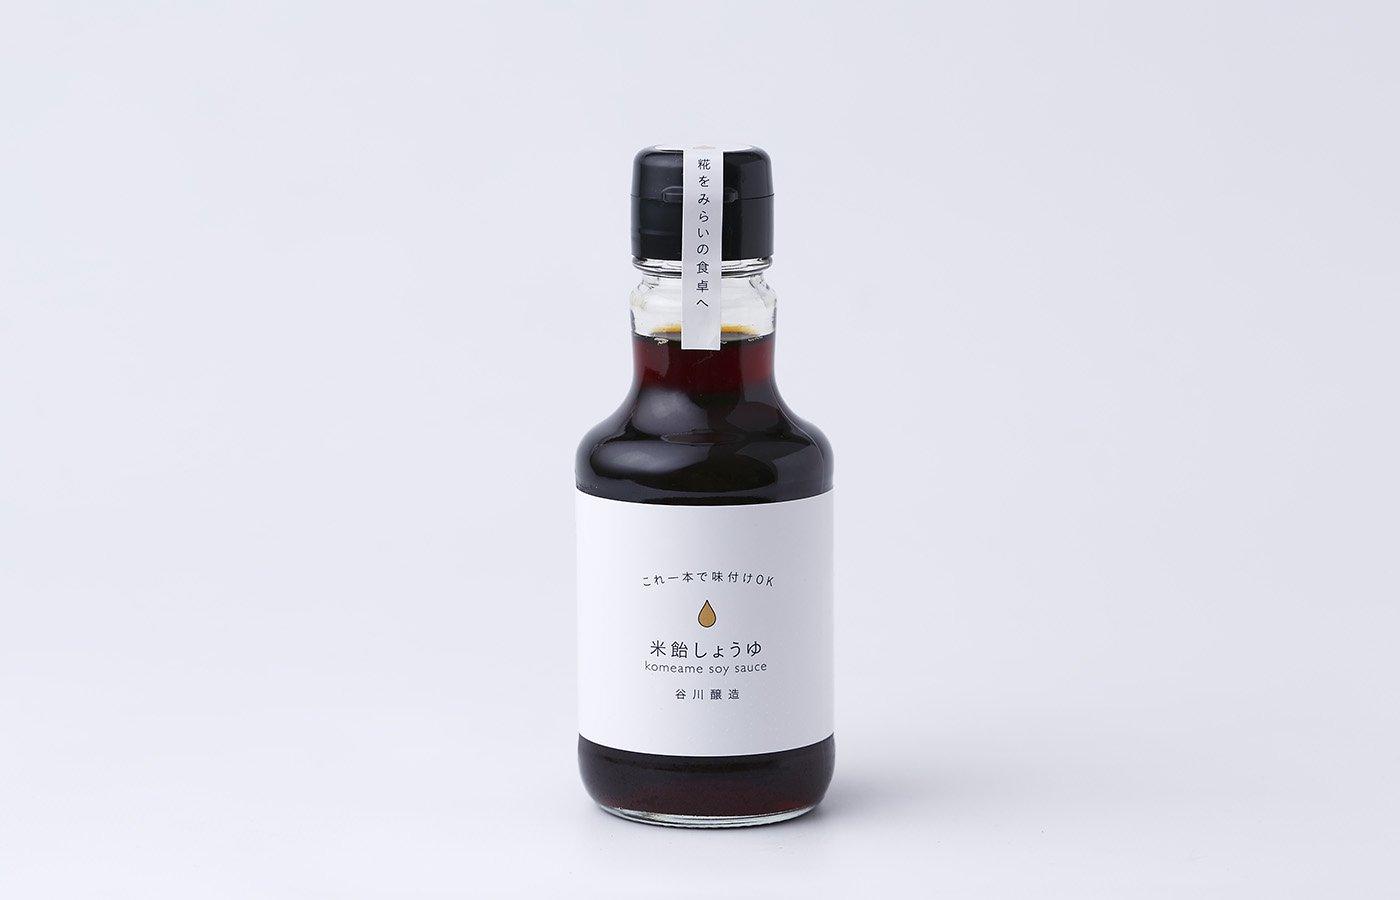 米飴しょうゆ・145ml - お醤油・...